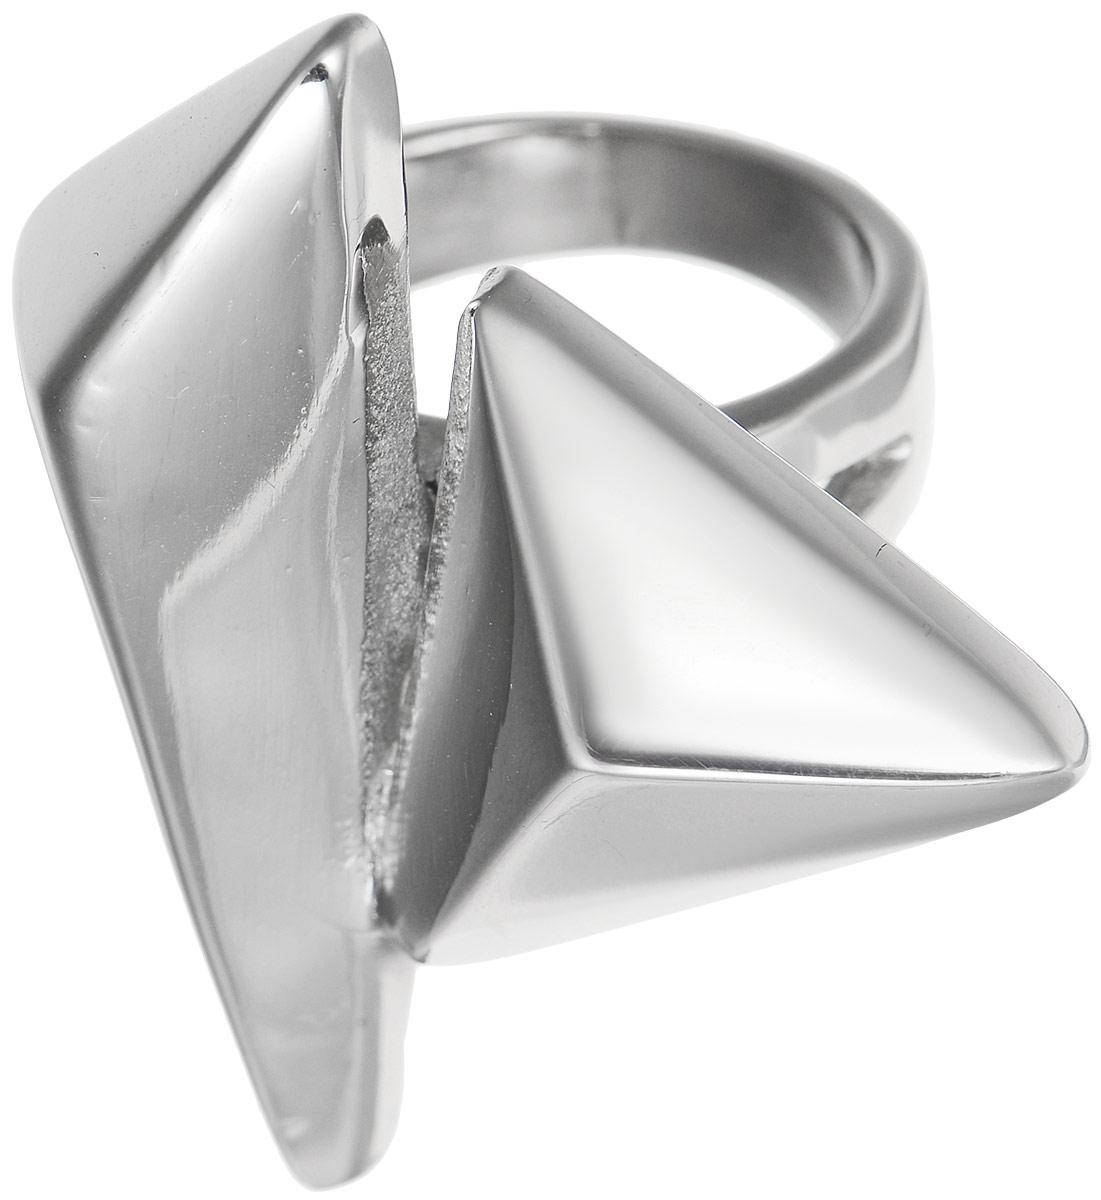 Кольцо Polina Selezneva, цвет: серебристый. DG-0013. Размер 18DG-0013Стильное кольцо Polina Selezneva изготовлено из качественного металлического сплава. Декоративная часть выполнена в оригинальной форме.